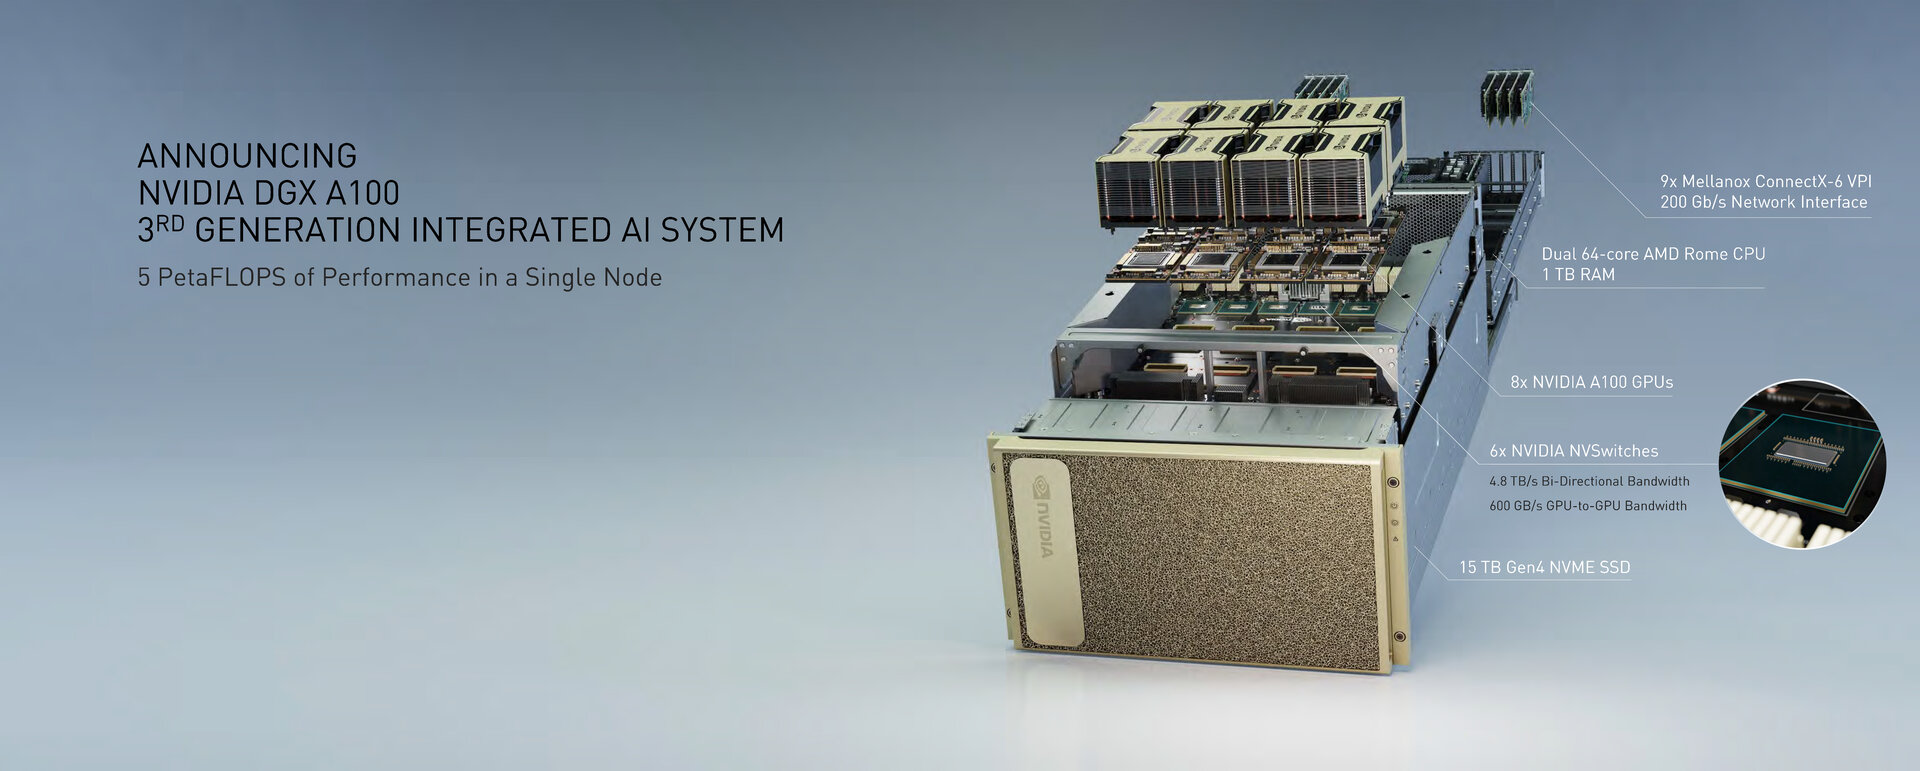 Zwei Rome-CPUs von AMD kommen auch zum Einsatz